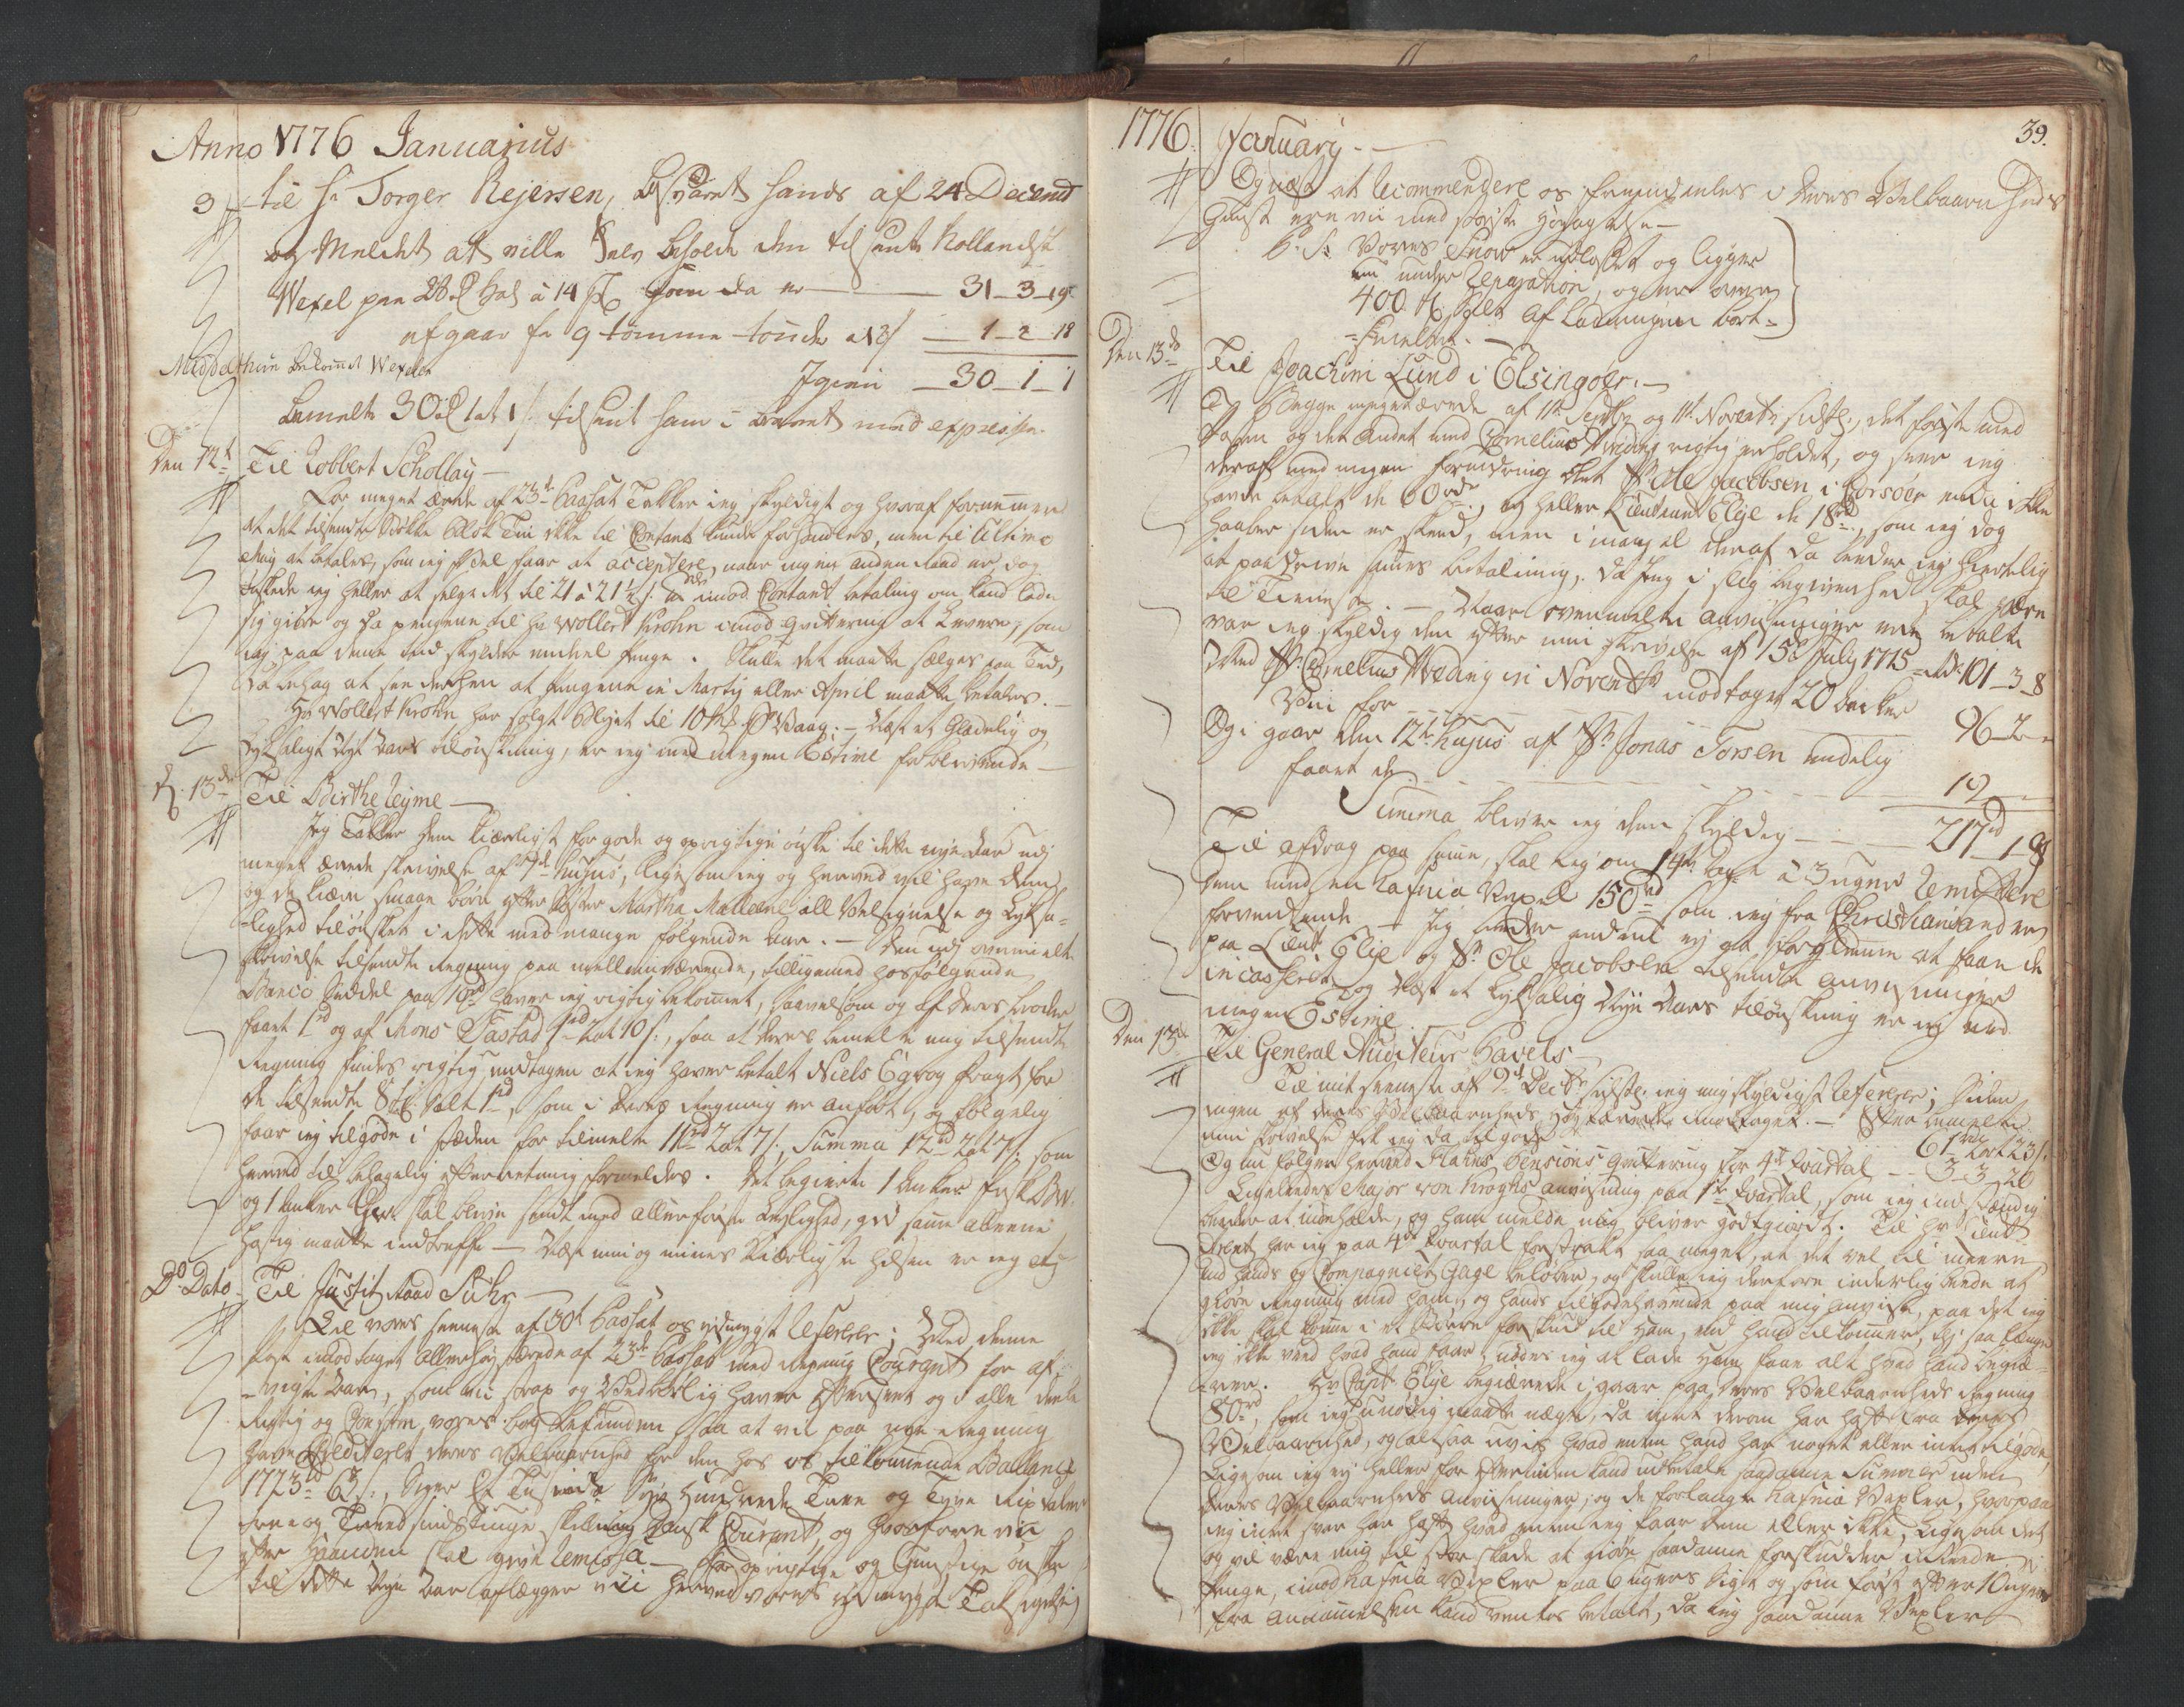 SAST, Pa 0003 - Ploug & Sundt, handelshuset, B/L0003: Kopibok, 1775-1780, s. 38b-39a